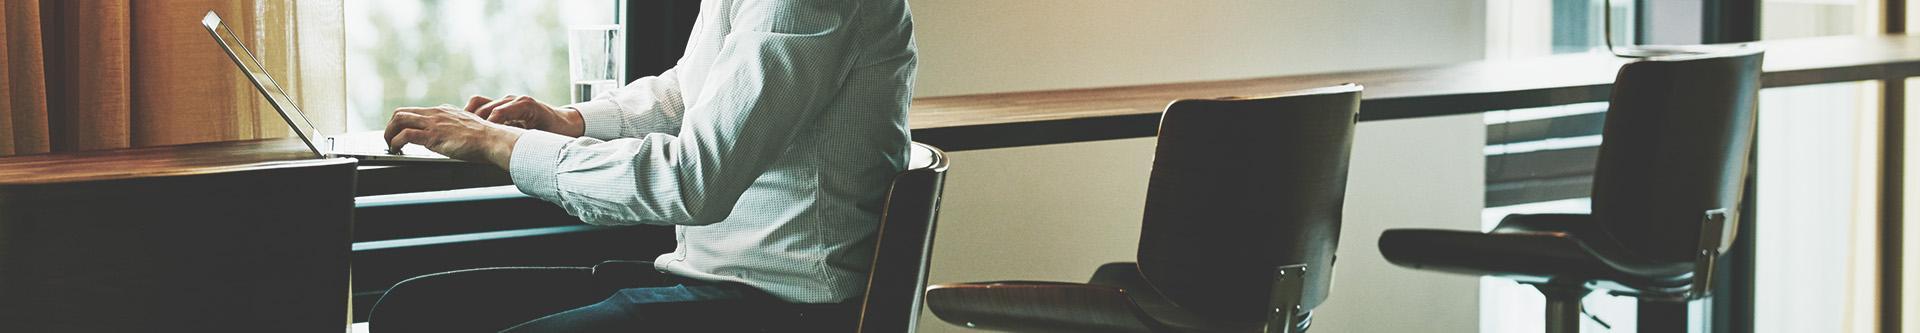 mężczyzna siedzący brzy biurku z laptopem